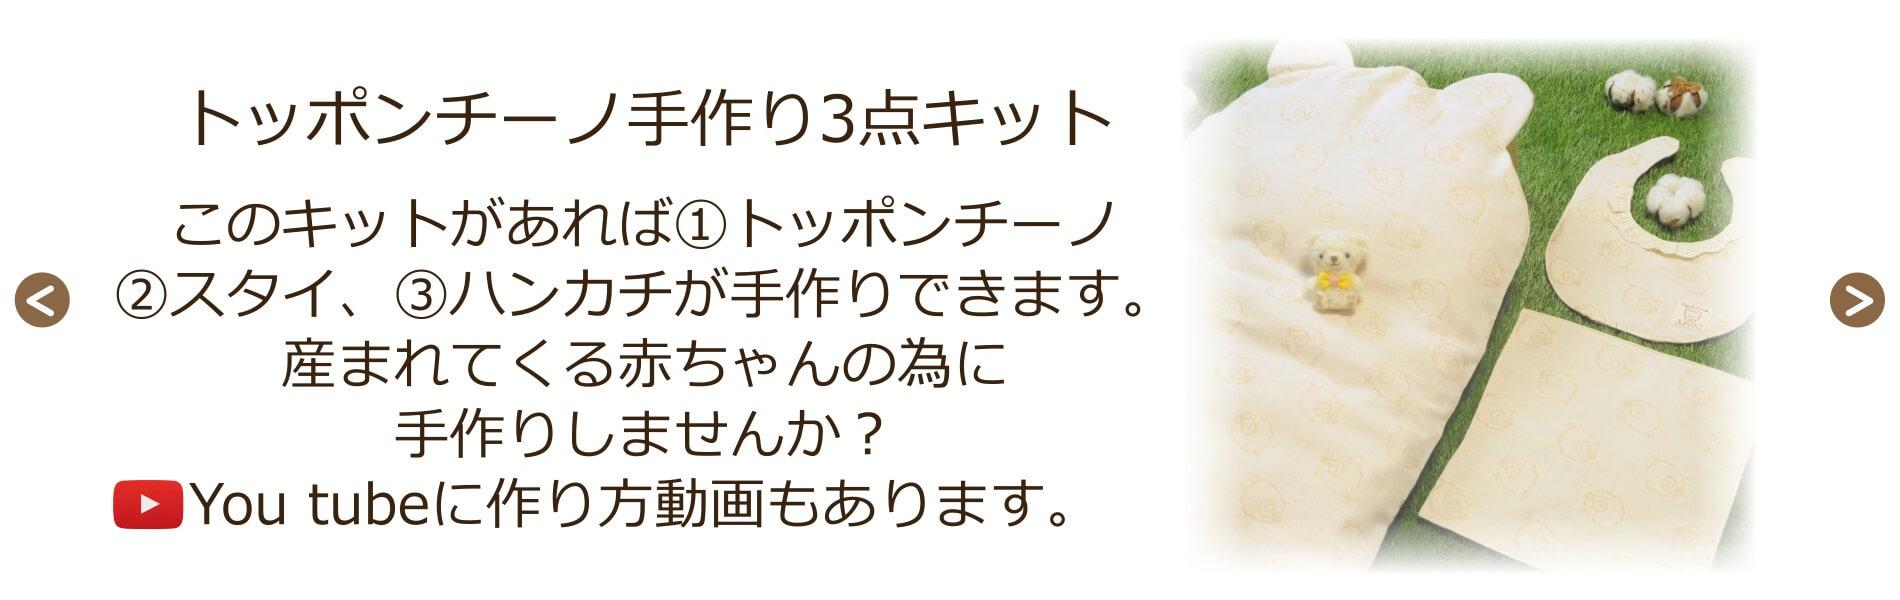 トッポンチーノ手作り3点キット_スライダー